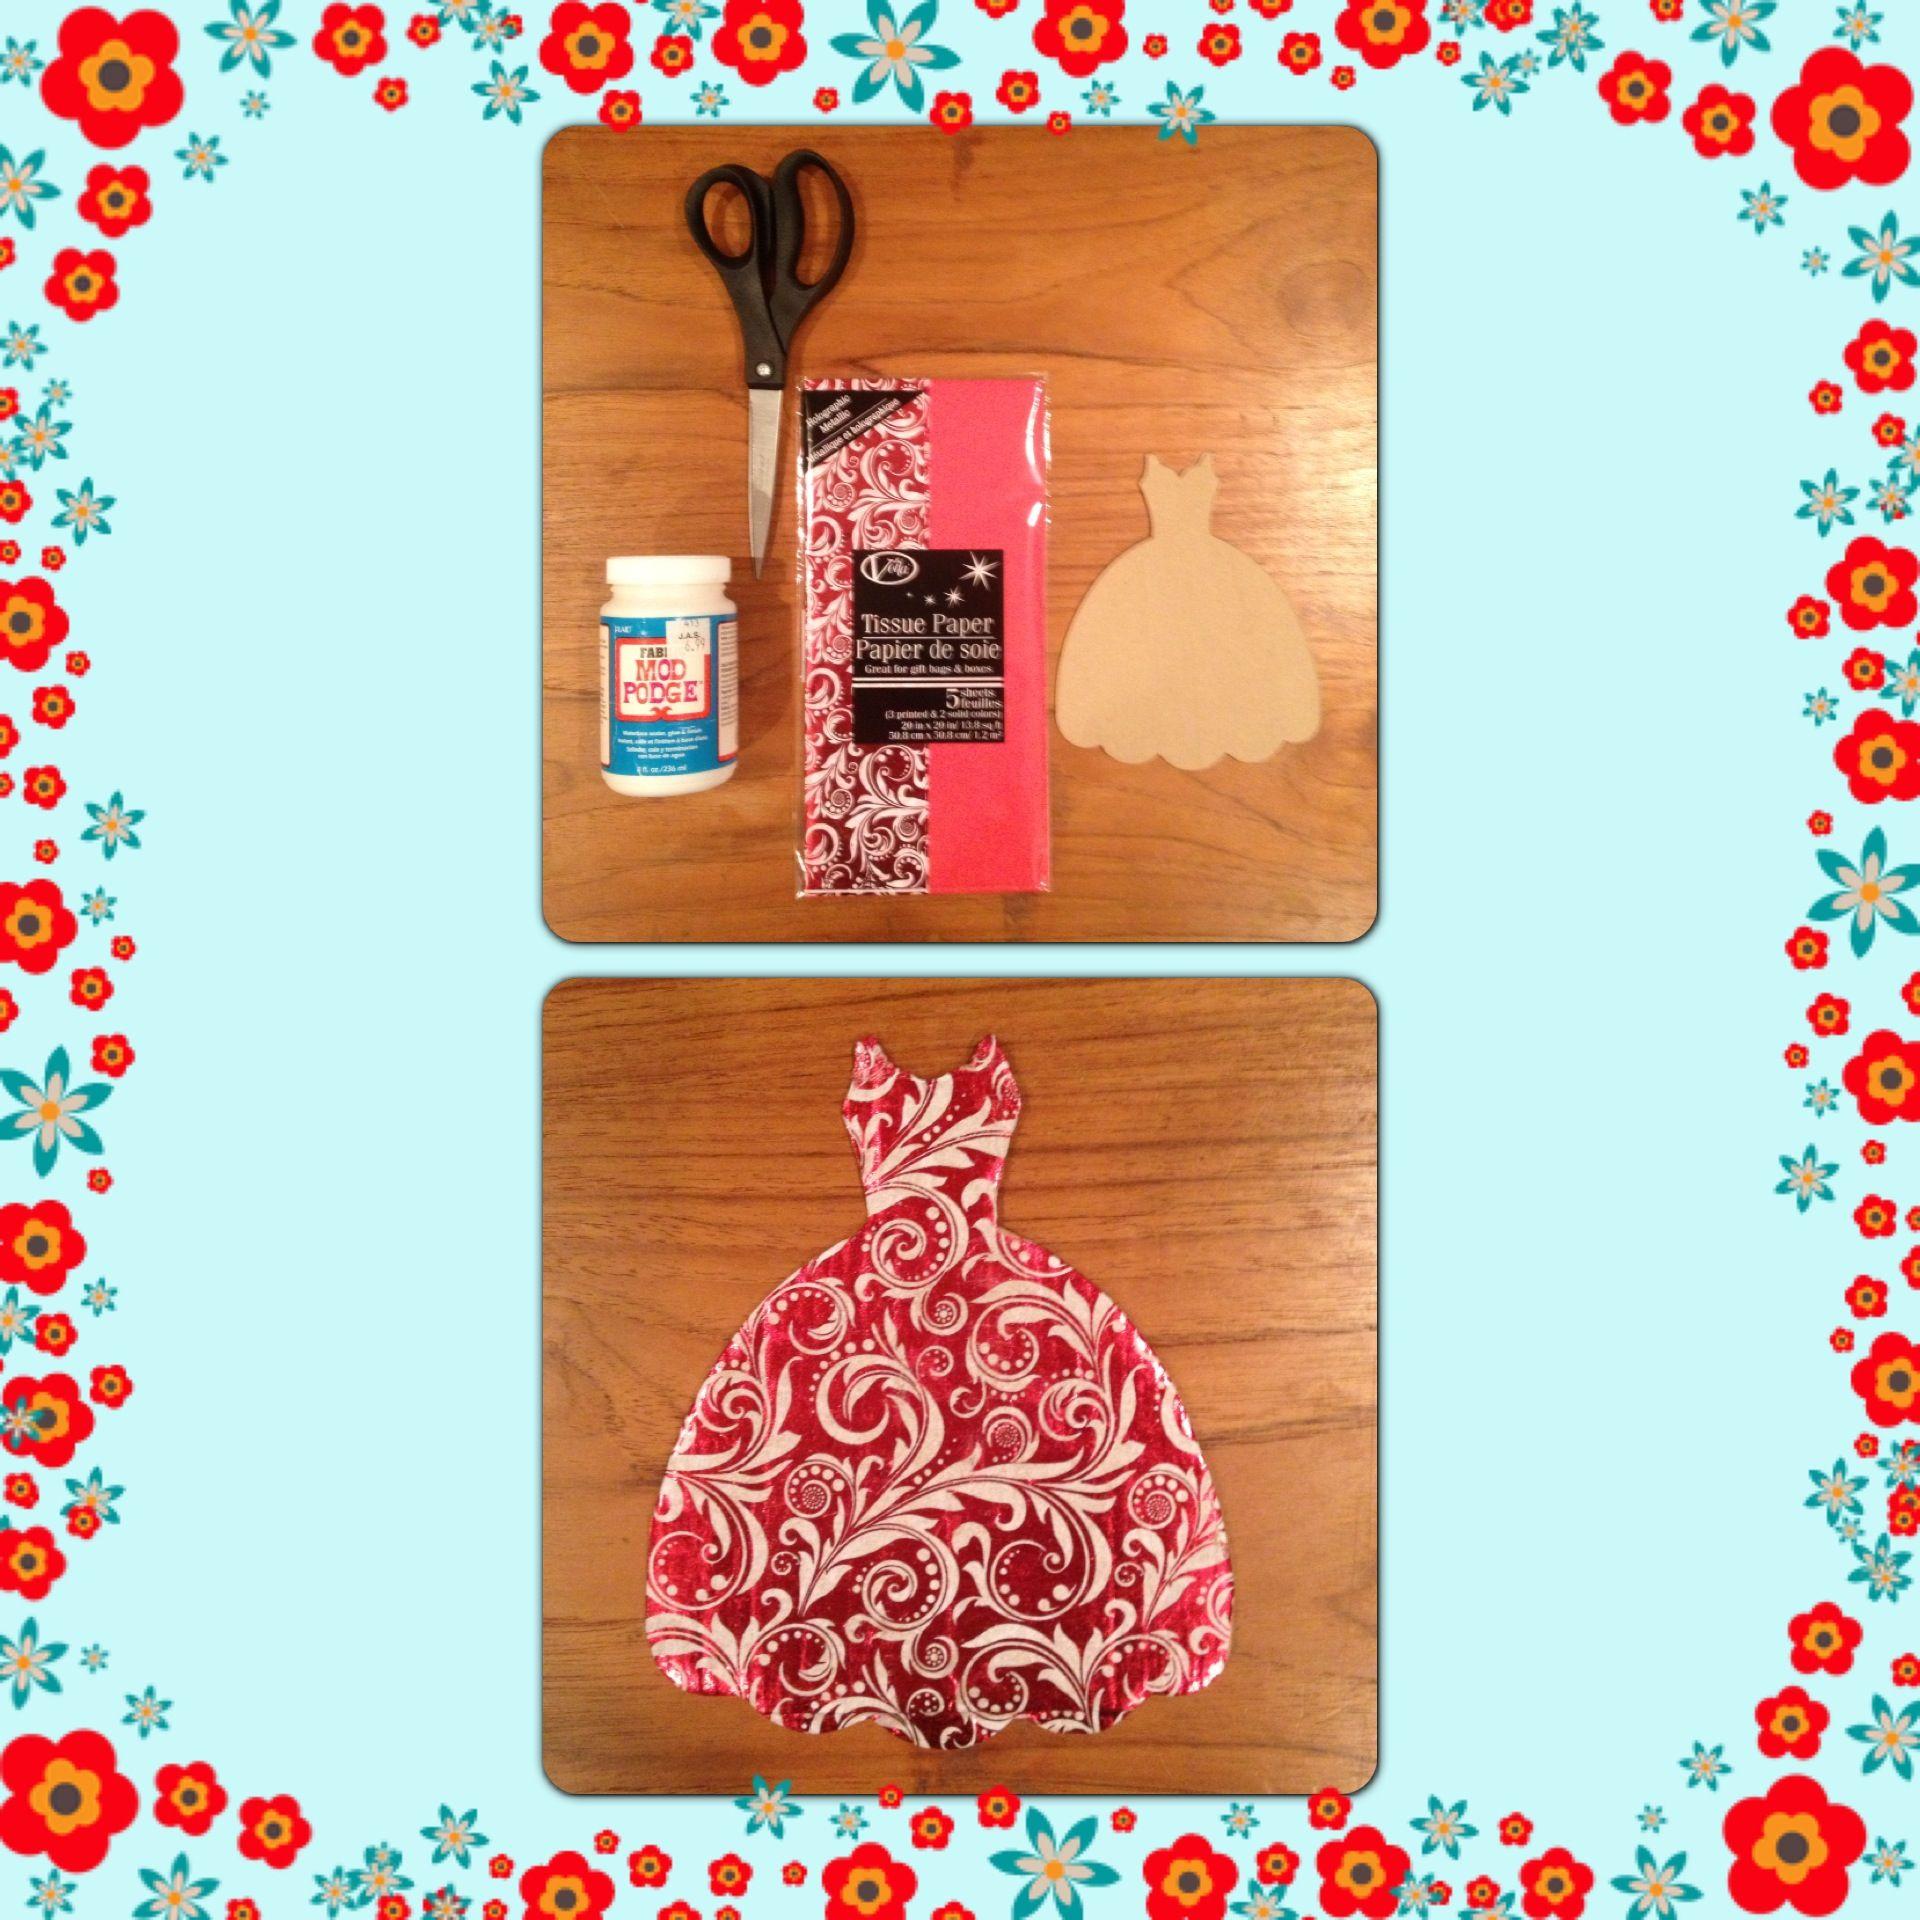 #Sizzix Fabi Dress Die Cut Tissue Paper Cardboard Christmas Ornament